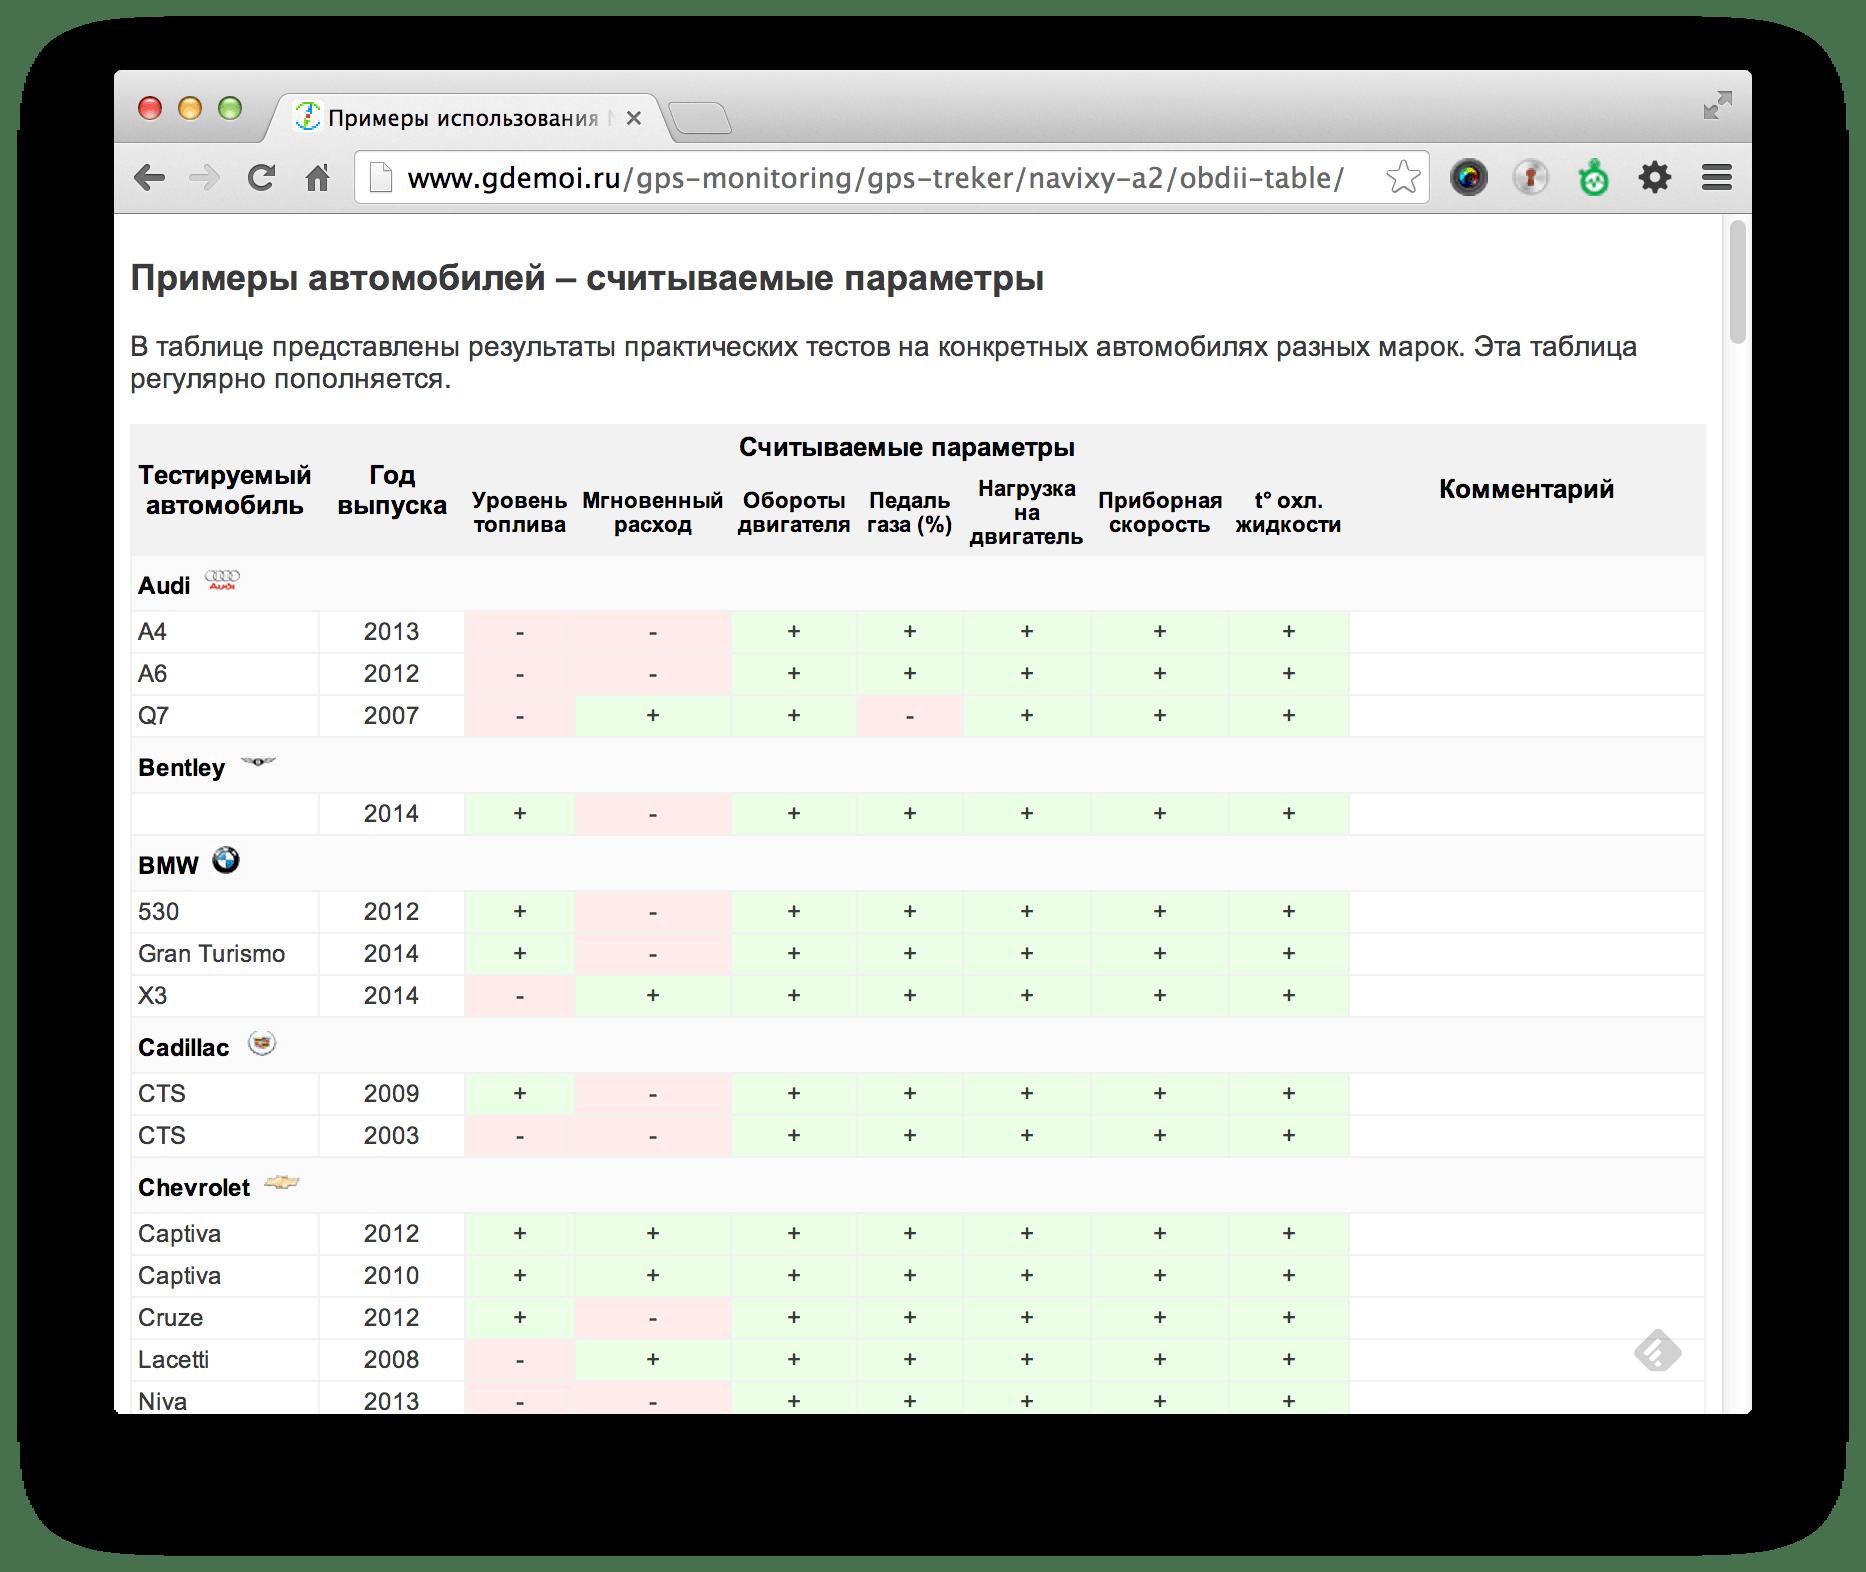 Примеры автомобилей – считываемые параметры OBDII